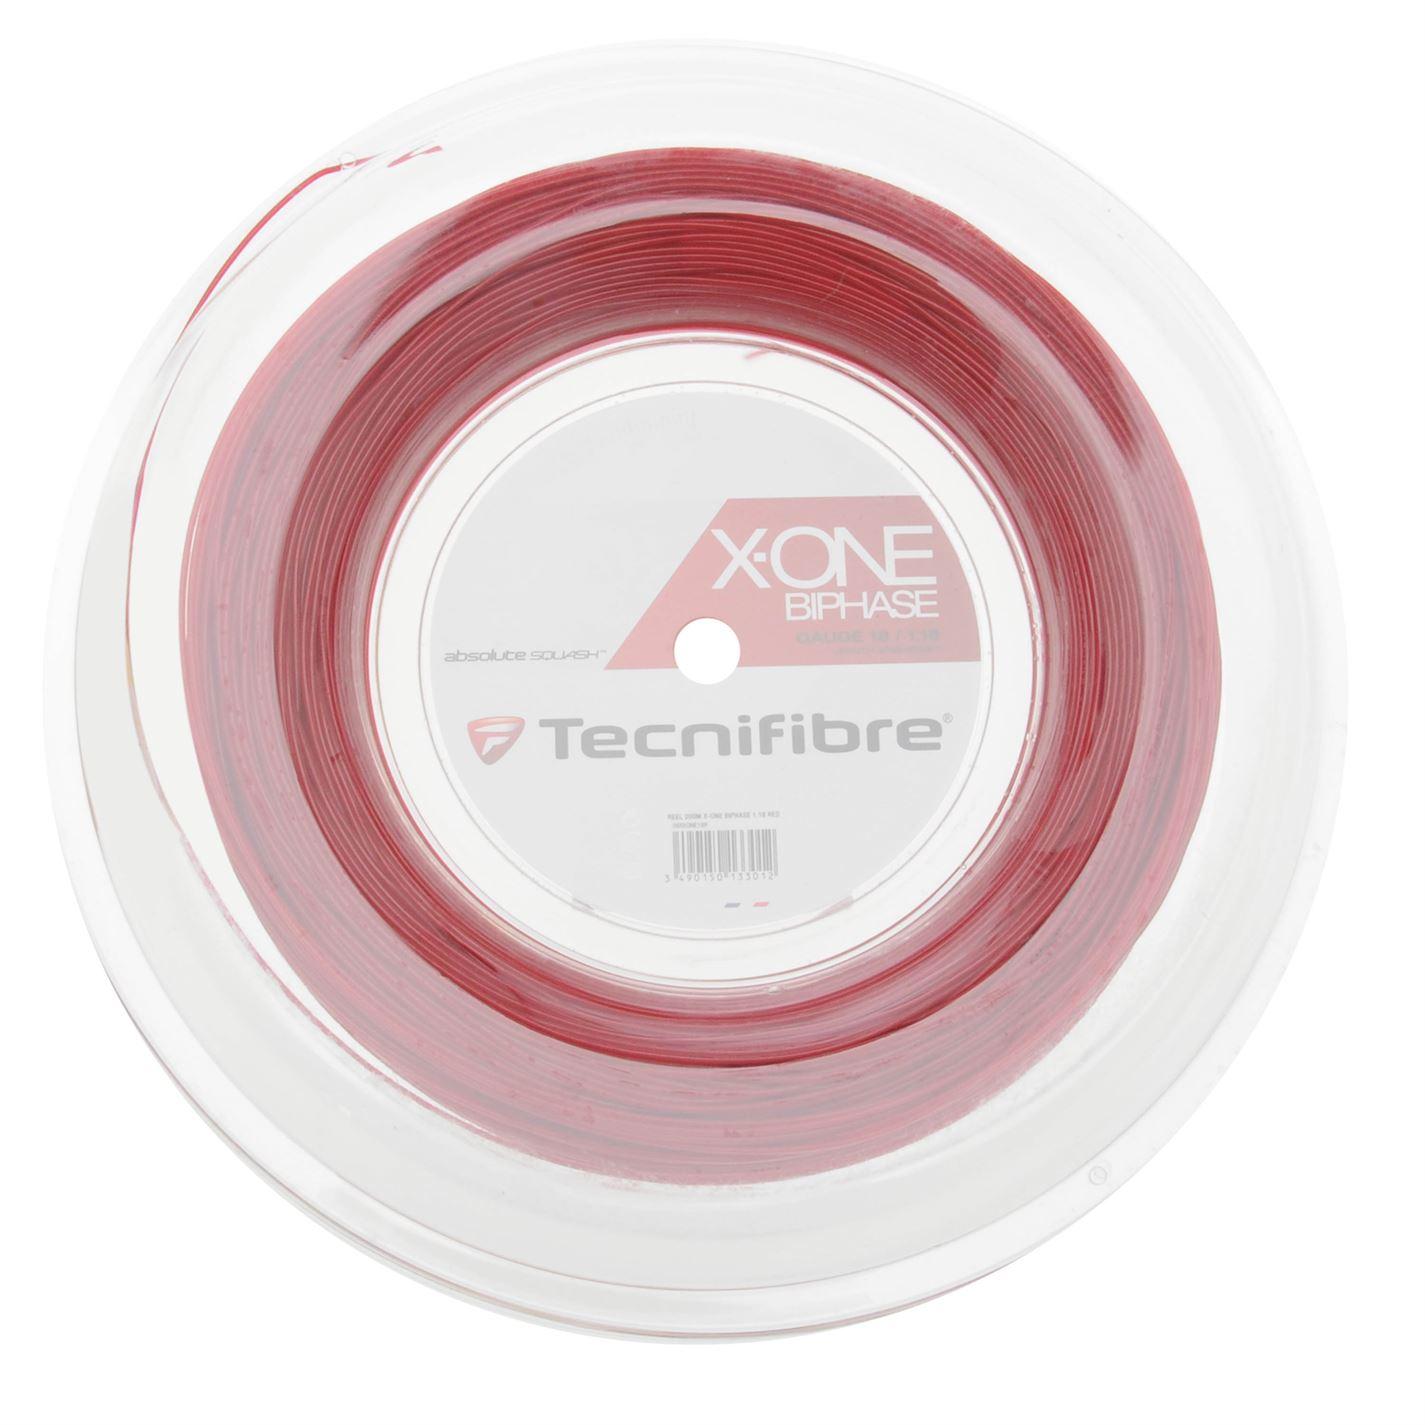 Tecnifibre Xone Biphase Reel